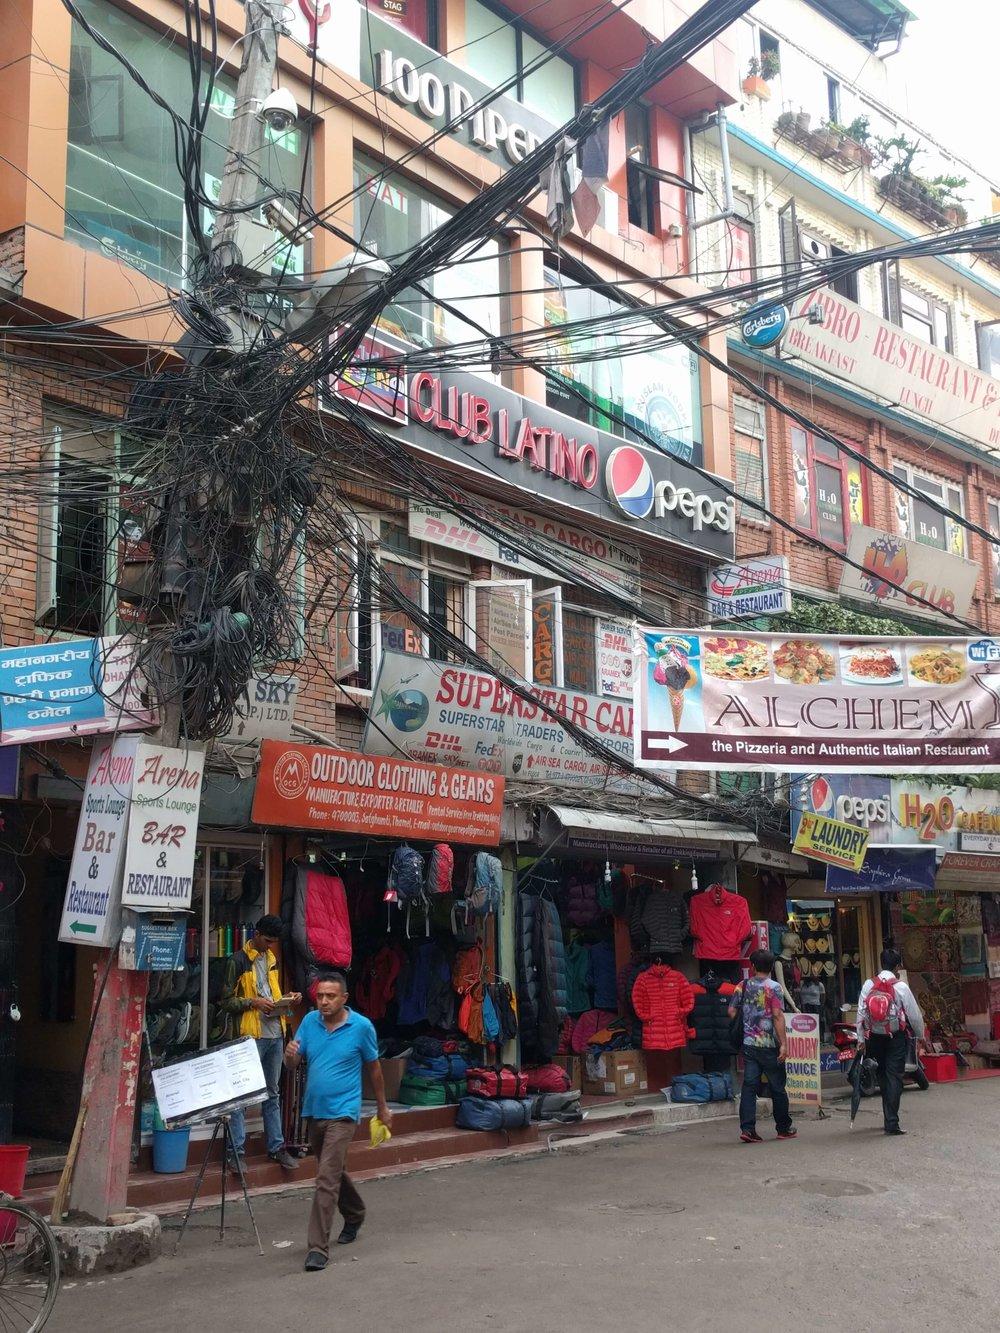 Önceki hayatımda IT mühendisi iken, evdeki network dolabı da buna benziyordu. Katmandu elektrik idaresine saygılar.